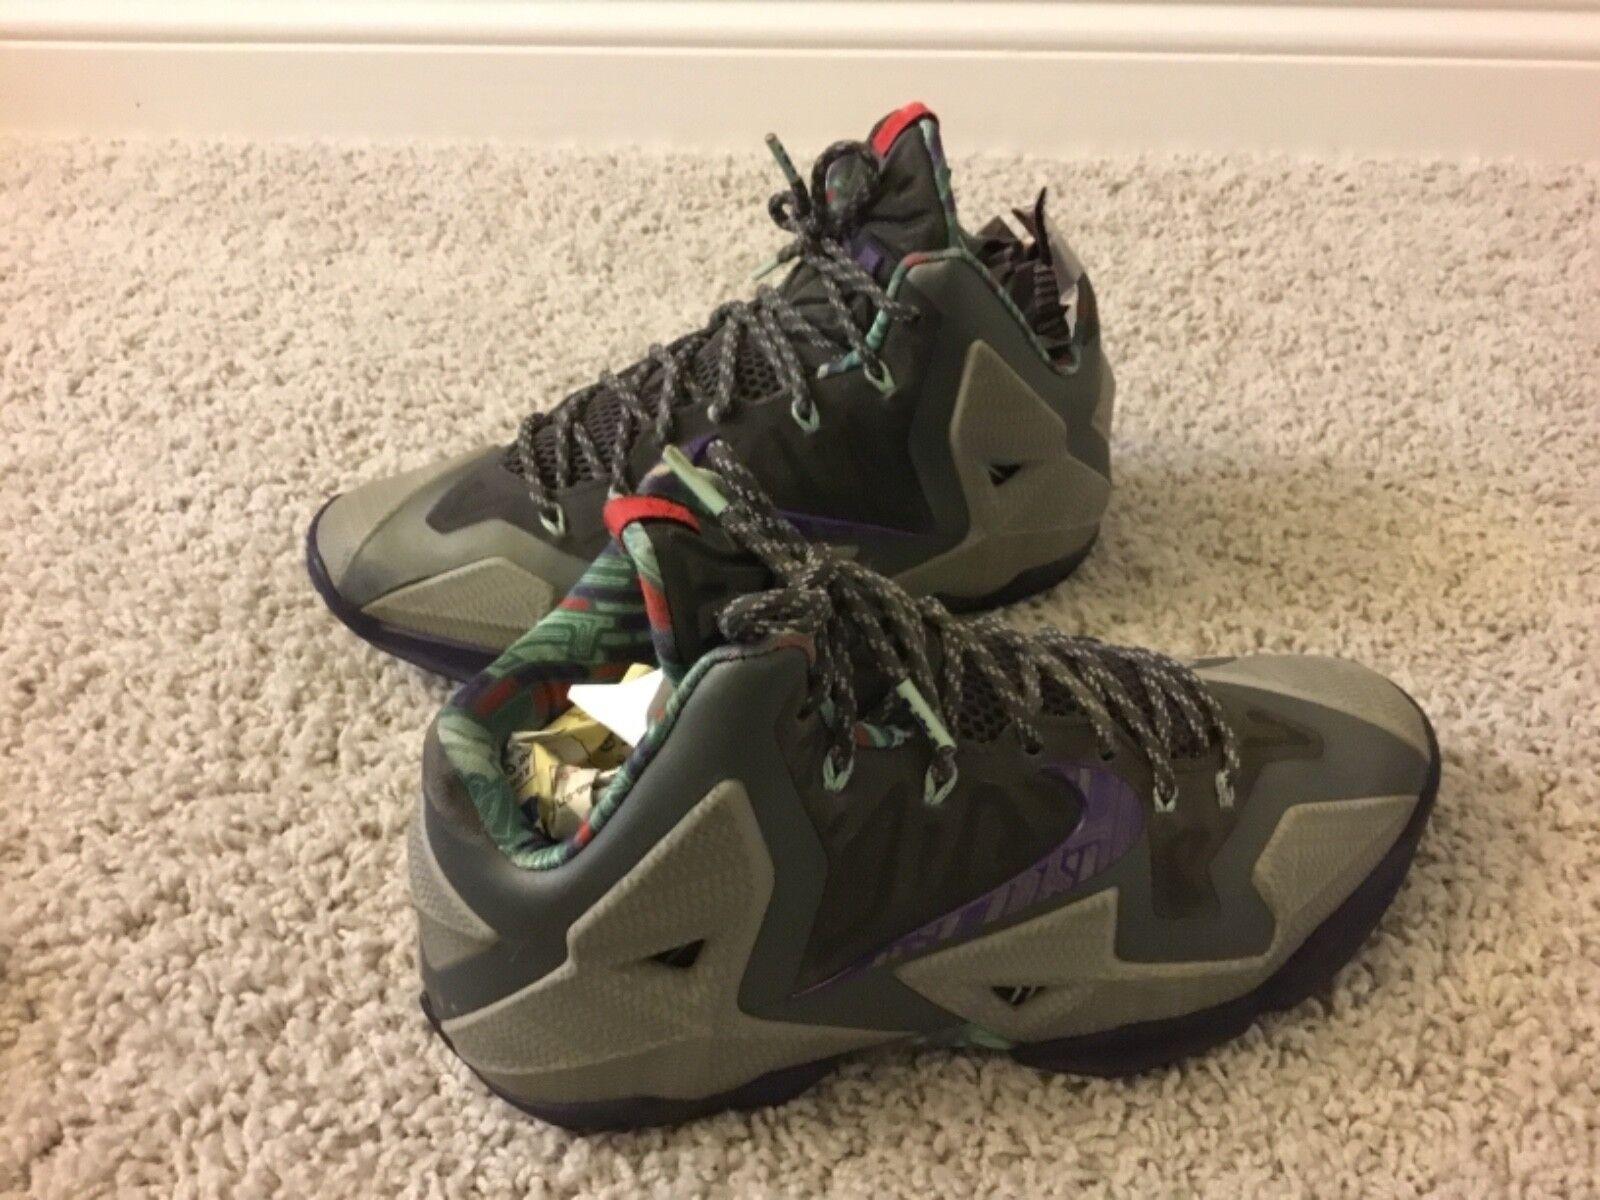 gli uomini sono sono sono nike lebron soldato atletico le scarpe taglia 9 milioni multi - colore | Italia  | Buona reputazione a livello mondiale  | Del Nuovo Di Arrivo  | Uomo/Donna Scarpa  | Uomo/Donne Scarpa  | Uomini/Donna Scarpa  d0c201